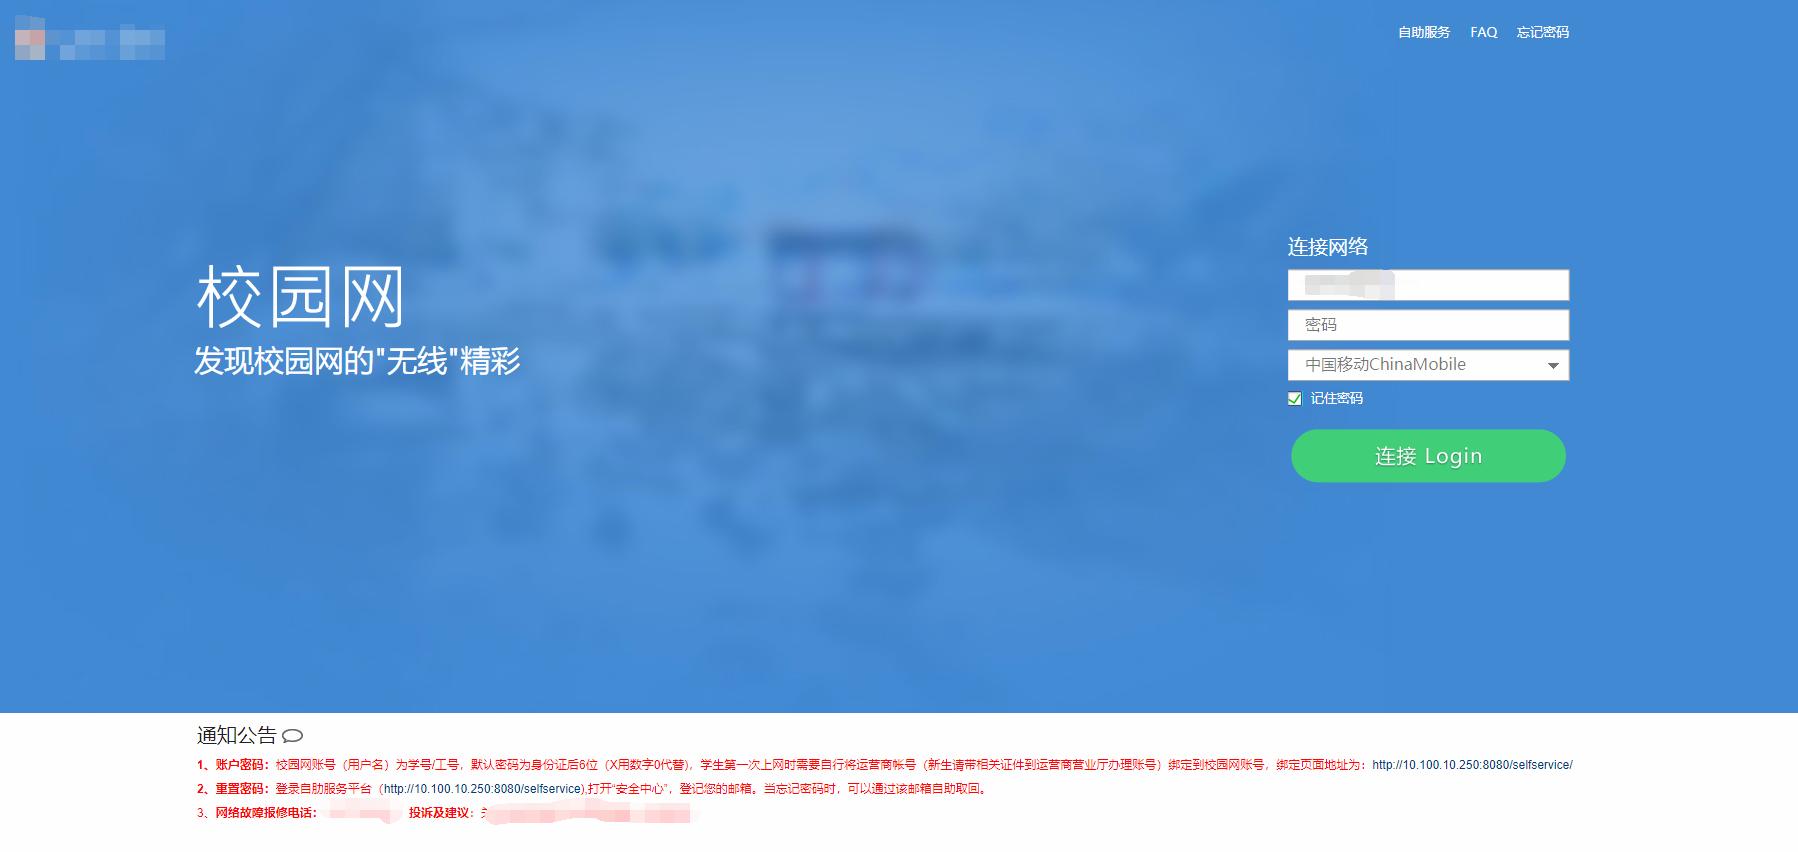 老毛子实现校园网锐捷认证脚本24小时不断网